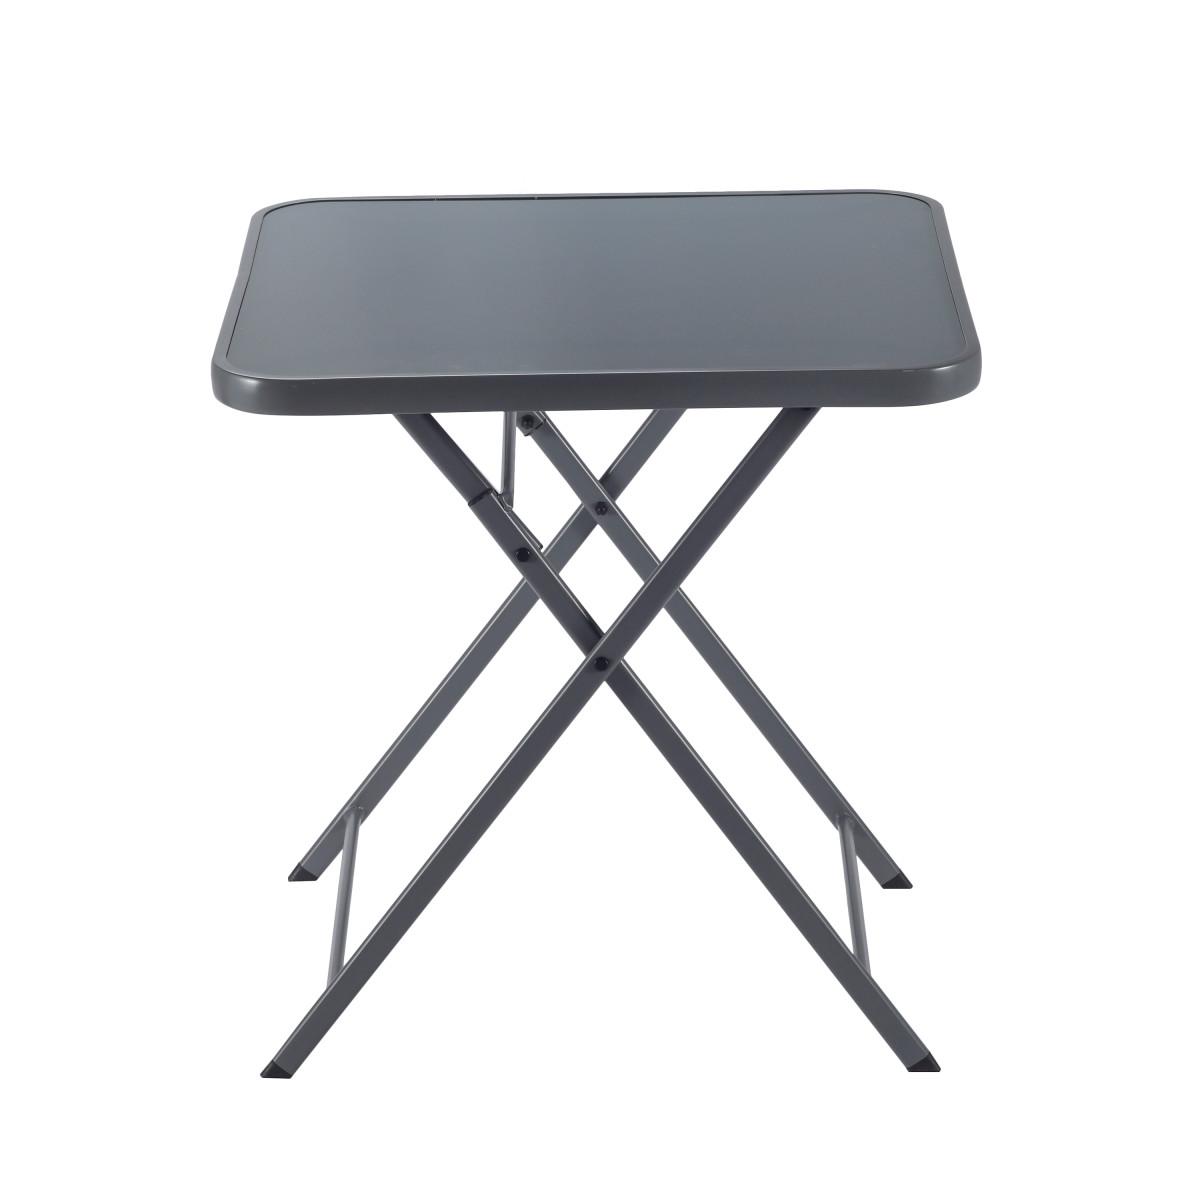 Стол садовый квадратный Naterial Emys Origami складной 70x70х72 см сталь/стекло темно-серый